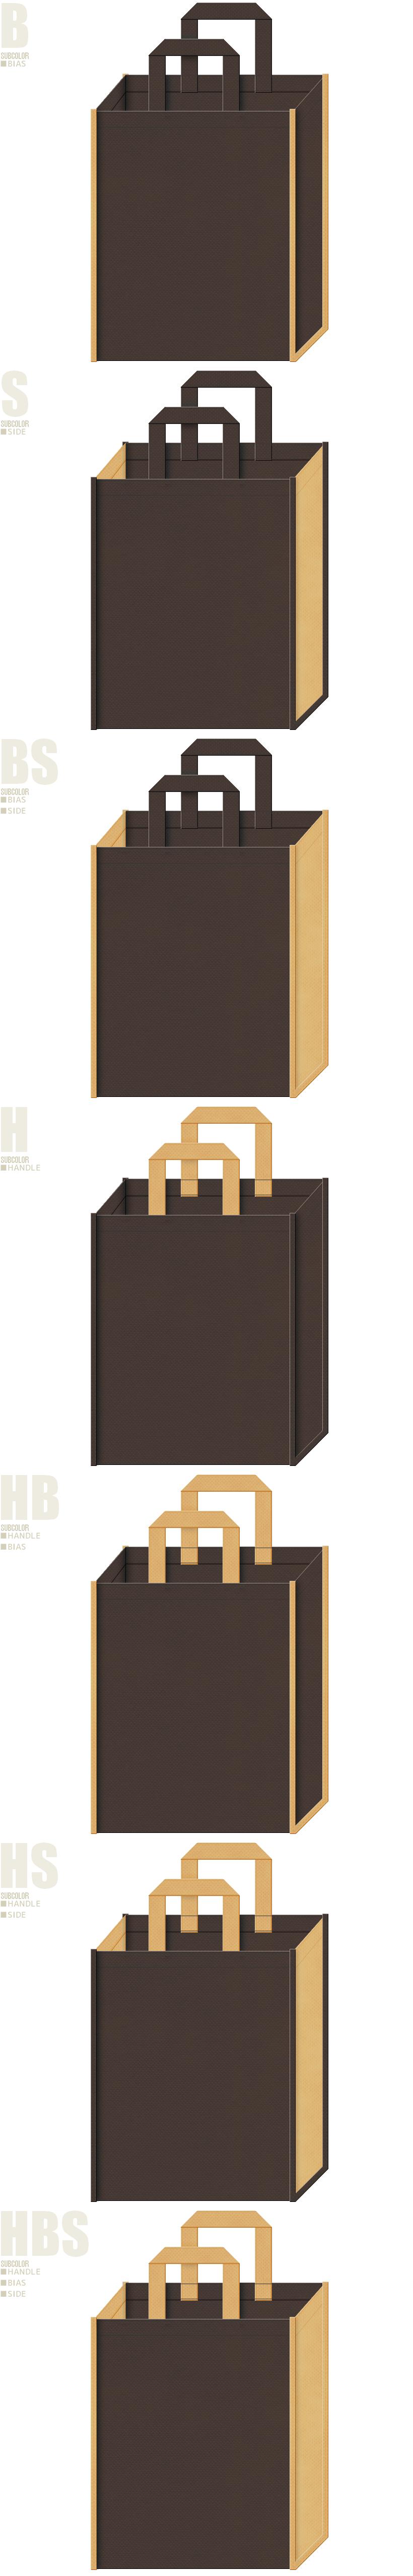 こげ茶色と薄黄土色、7パターンの不織布トートバッグ配色デザイン例。コーヒー・キャンプ用品の展示会用バッグにお奨めです。